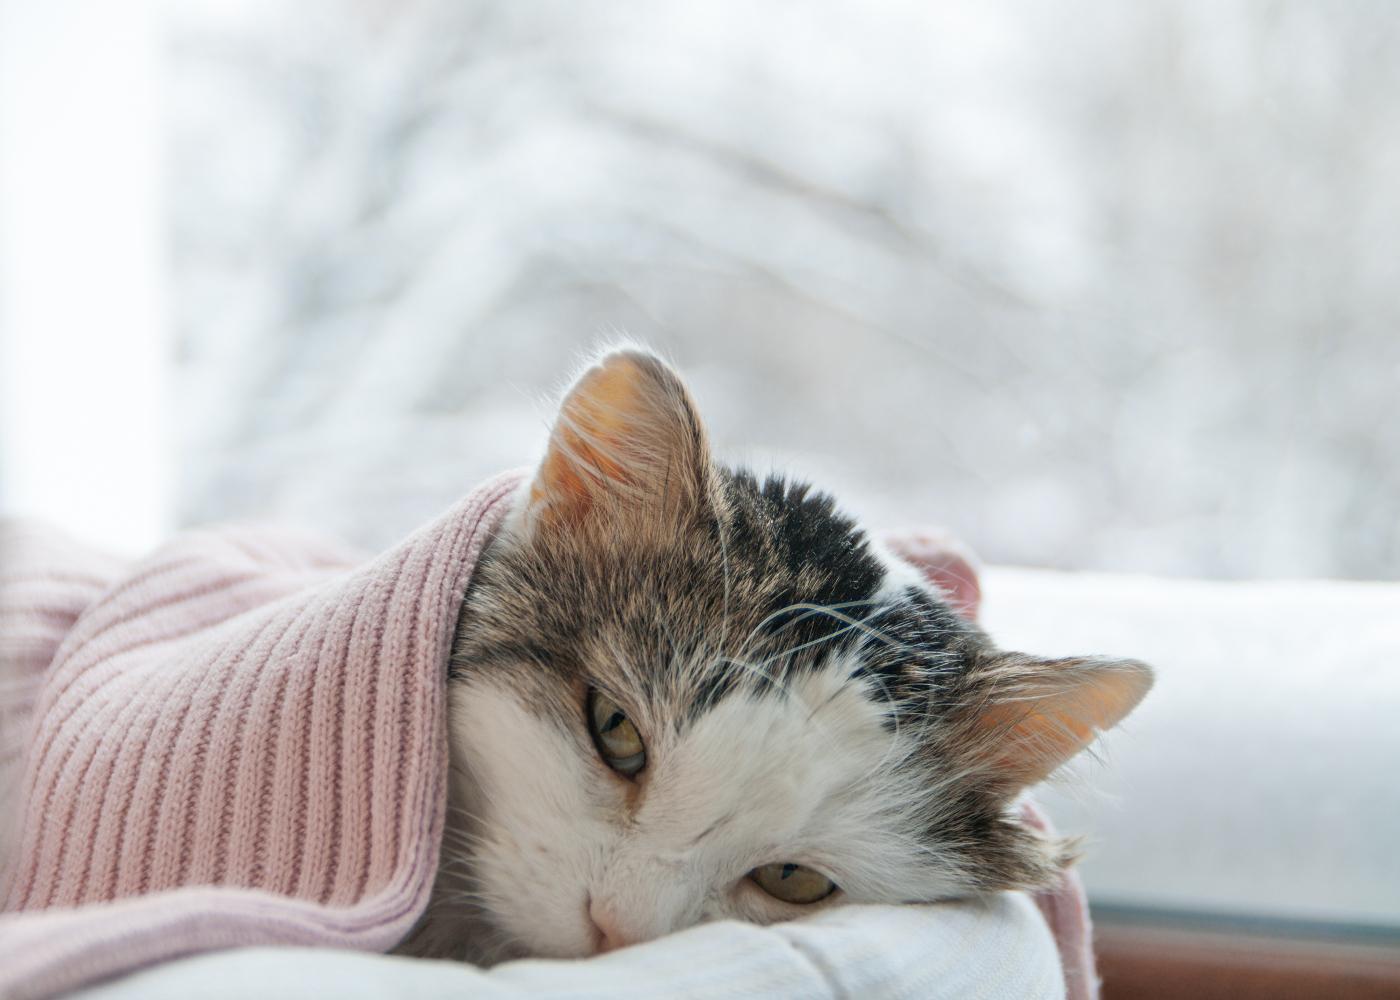 doencas-infeciosas-em-gatos-o-que-saber